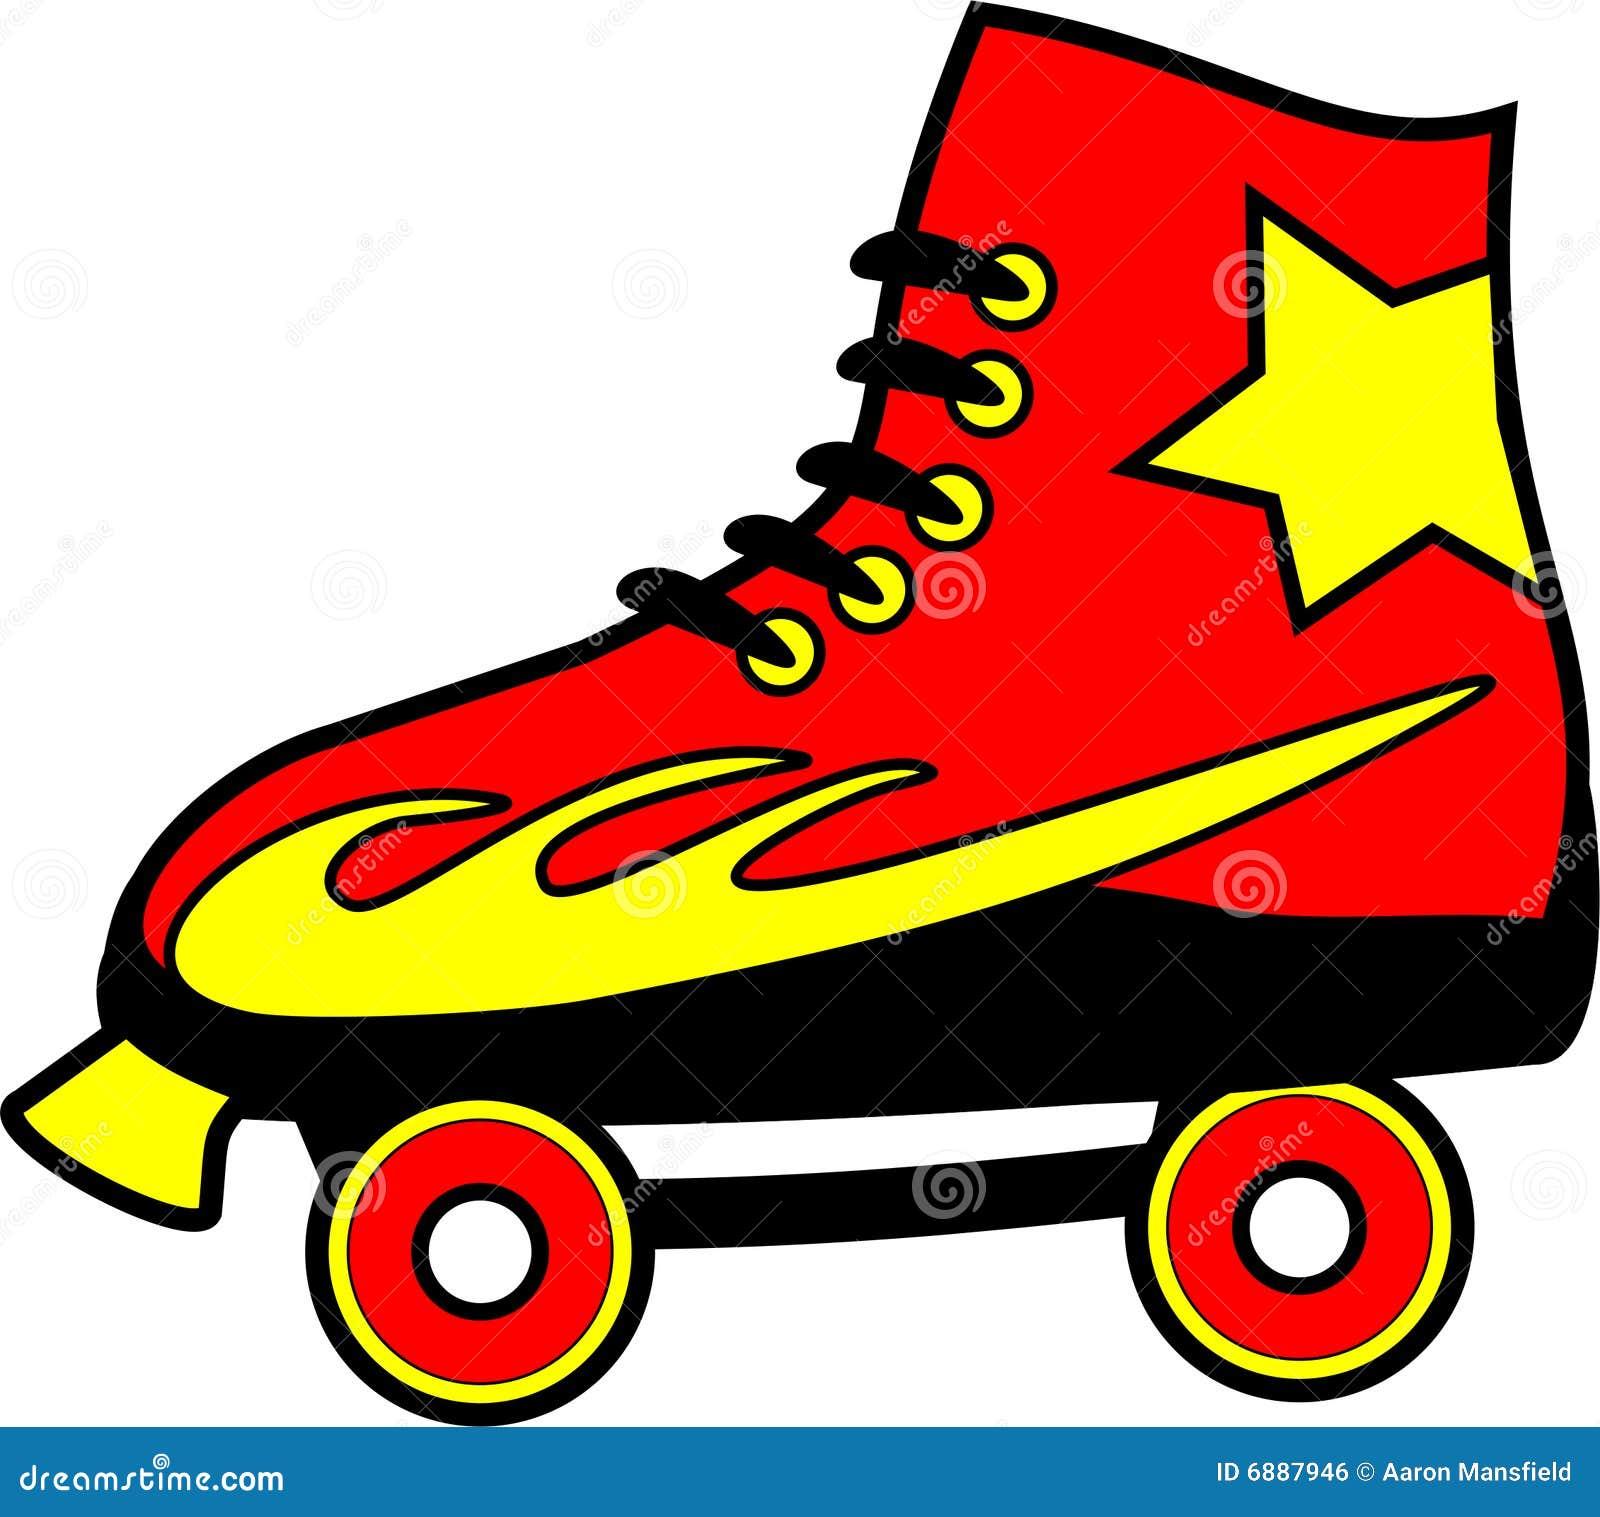 roller skate stock illustrations 1 974 roller skate stock rh dreamstime com free download roller skate clip art free roller skate clip art